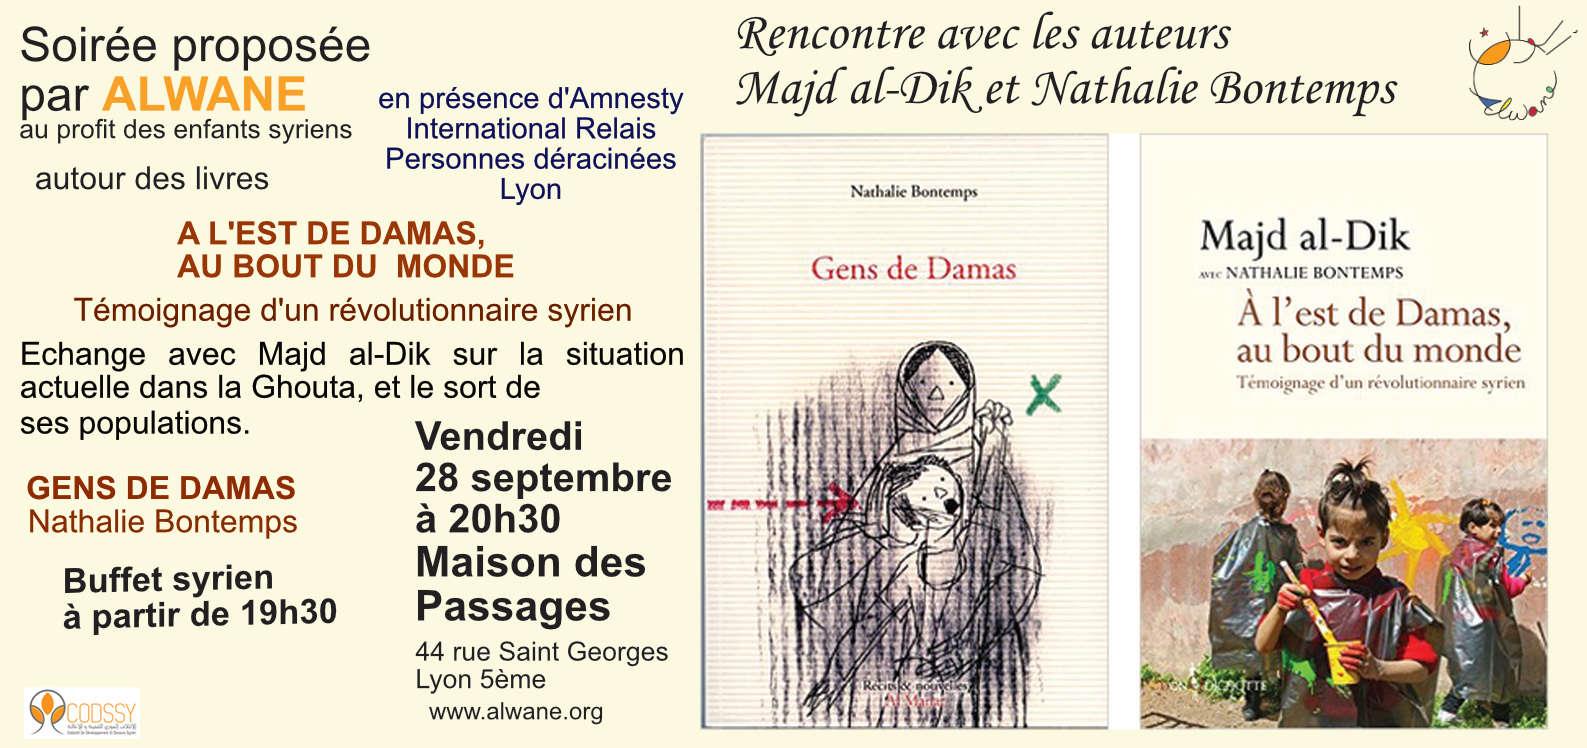 Rencontre avec les auteurs Majd al Dik et Nathalie Bontemps